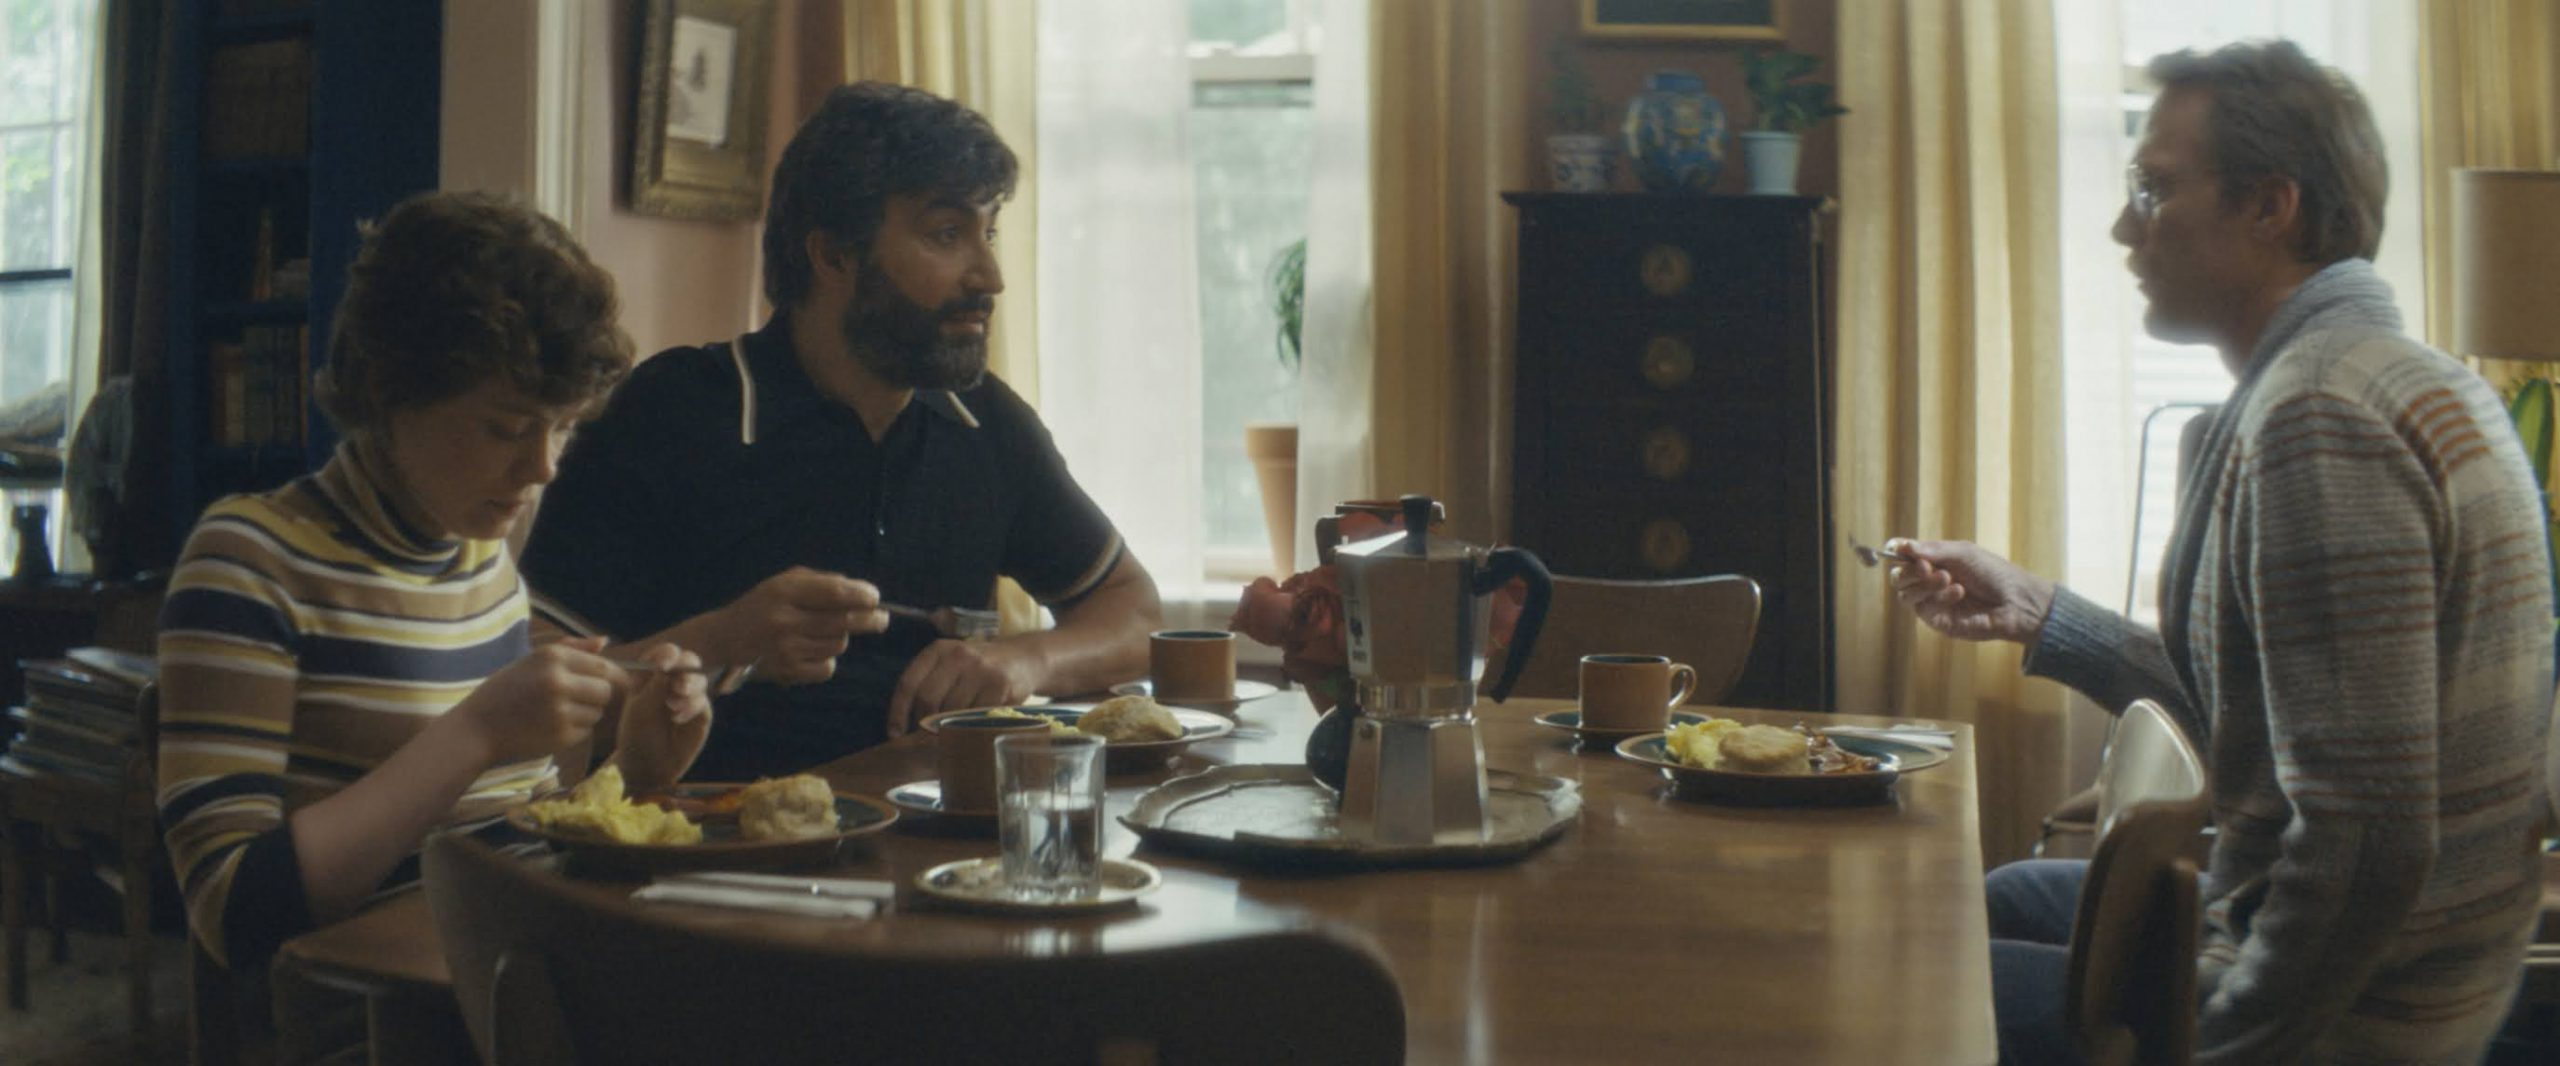 Cena do filme Tio Frank. Na imagem, sentados ao redor de uma mesa de café da manhã posta, em uma sala de estar de uma casa, vemos, do lado esquerdo, Betty, uma mulher branca, de cabelos ruivos curtos e enrolados, aparentando ter cerca de 15 anos, vestindo uma blusa listrada de gola alta; Wally, um homem muçulmano, de cabelos e barba pretos, aparentando ter cerca de 40 anos, vestindo uma camiseta polo preta; e, do lado direito, Frank, um homem branco, de cabelos e bigode loiros, aparentando ter cerca de 40 anos, vestindo um casaco cinza listrado